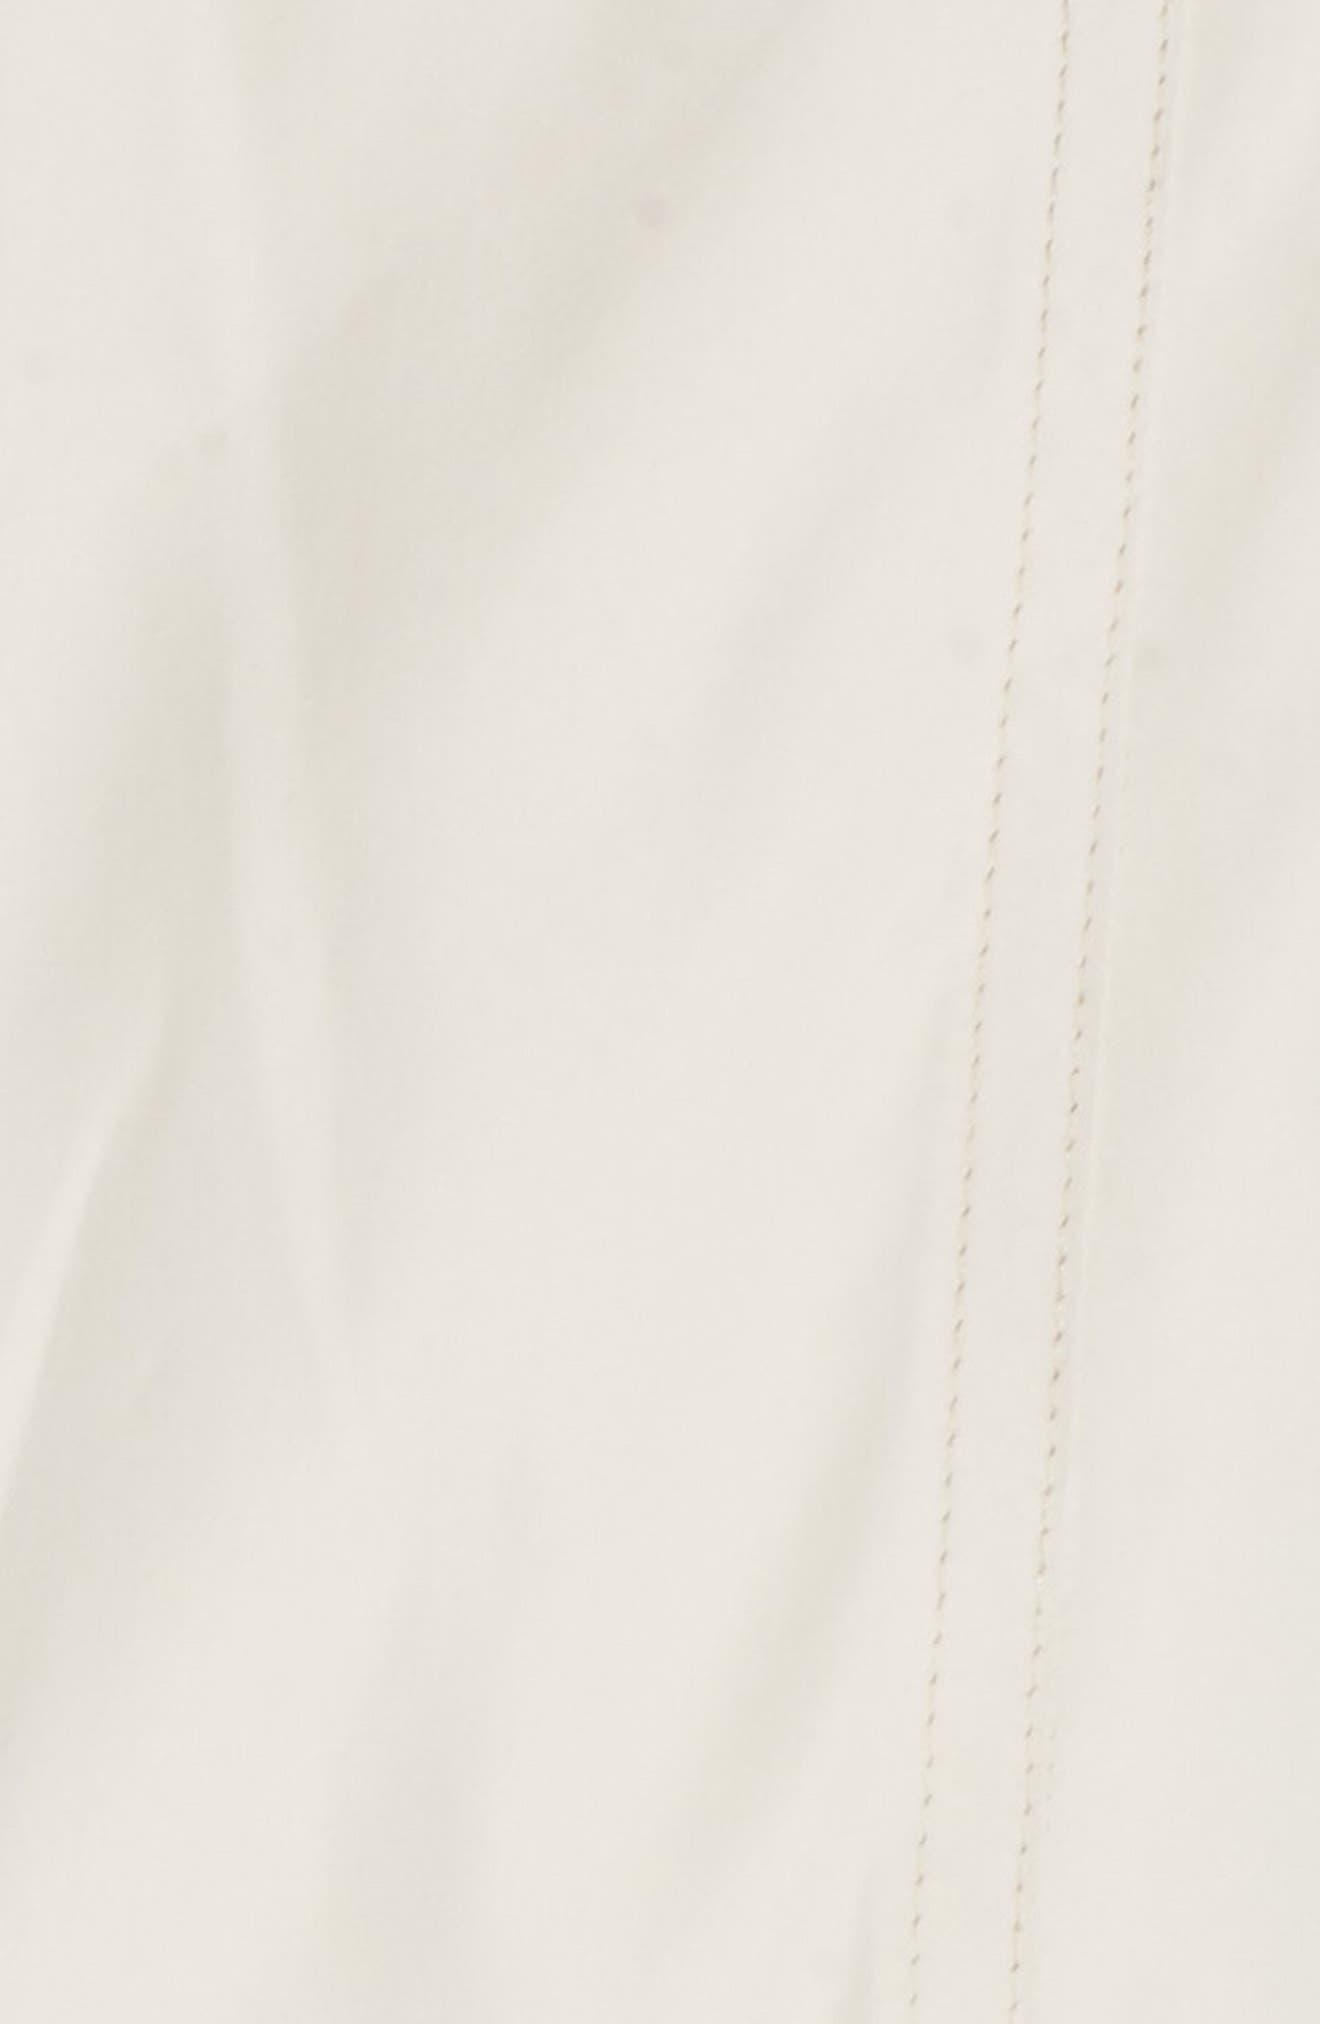 Kinnordy Waterproof Hooded Jacket,                             Alternate thumbnail 5, color,                             907